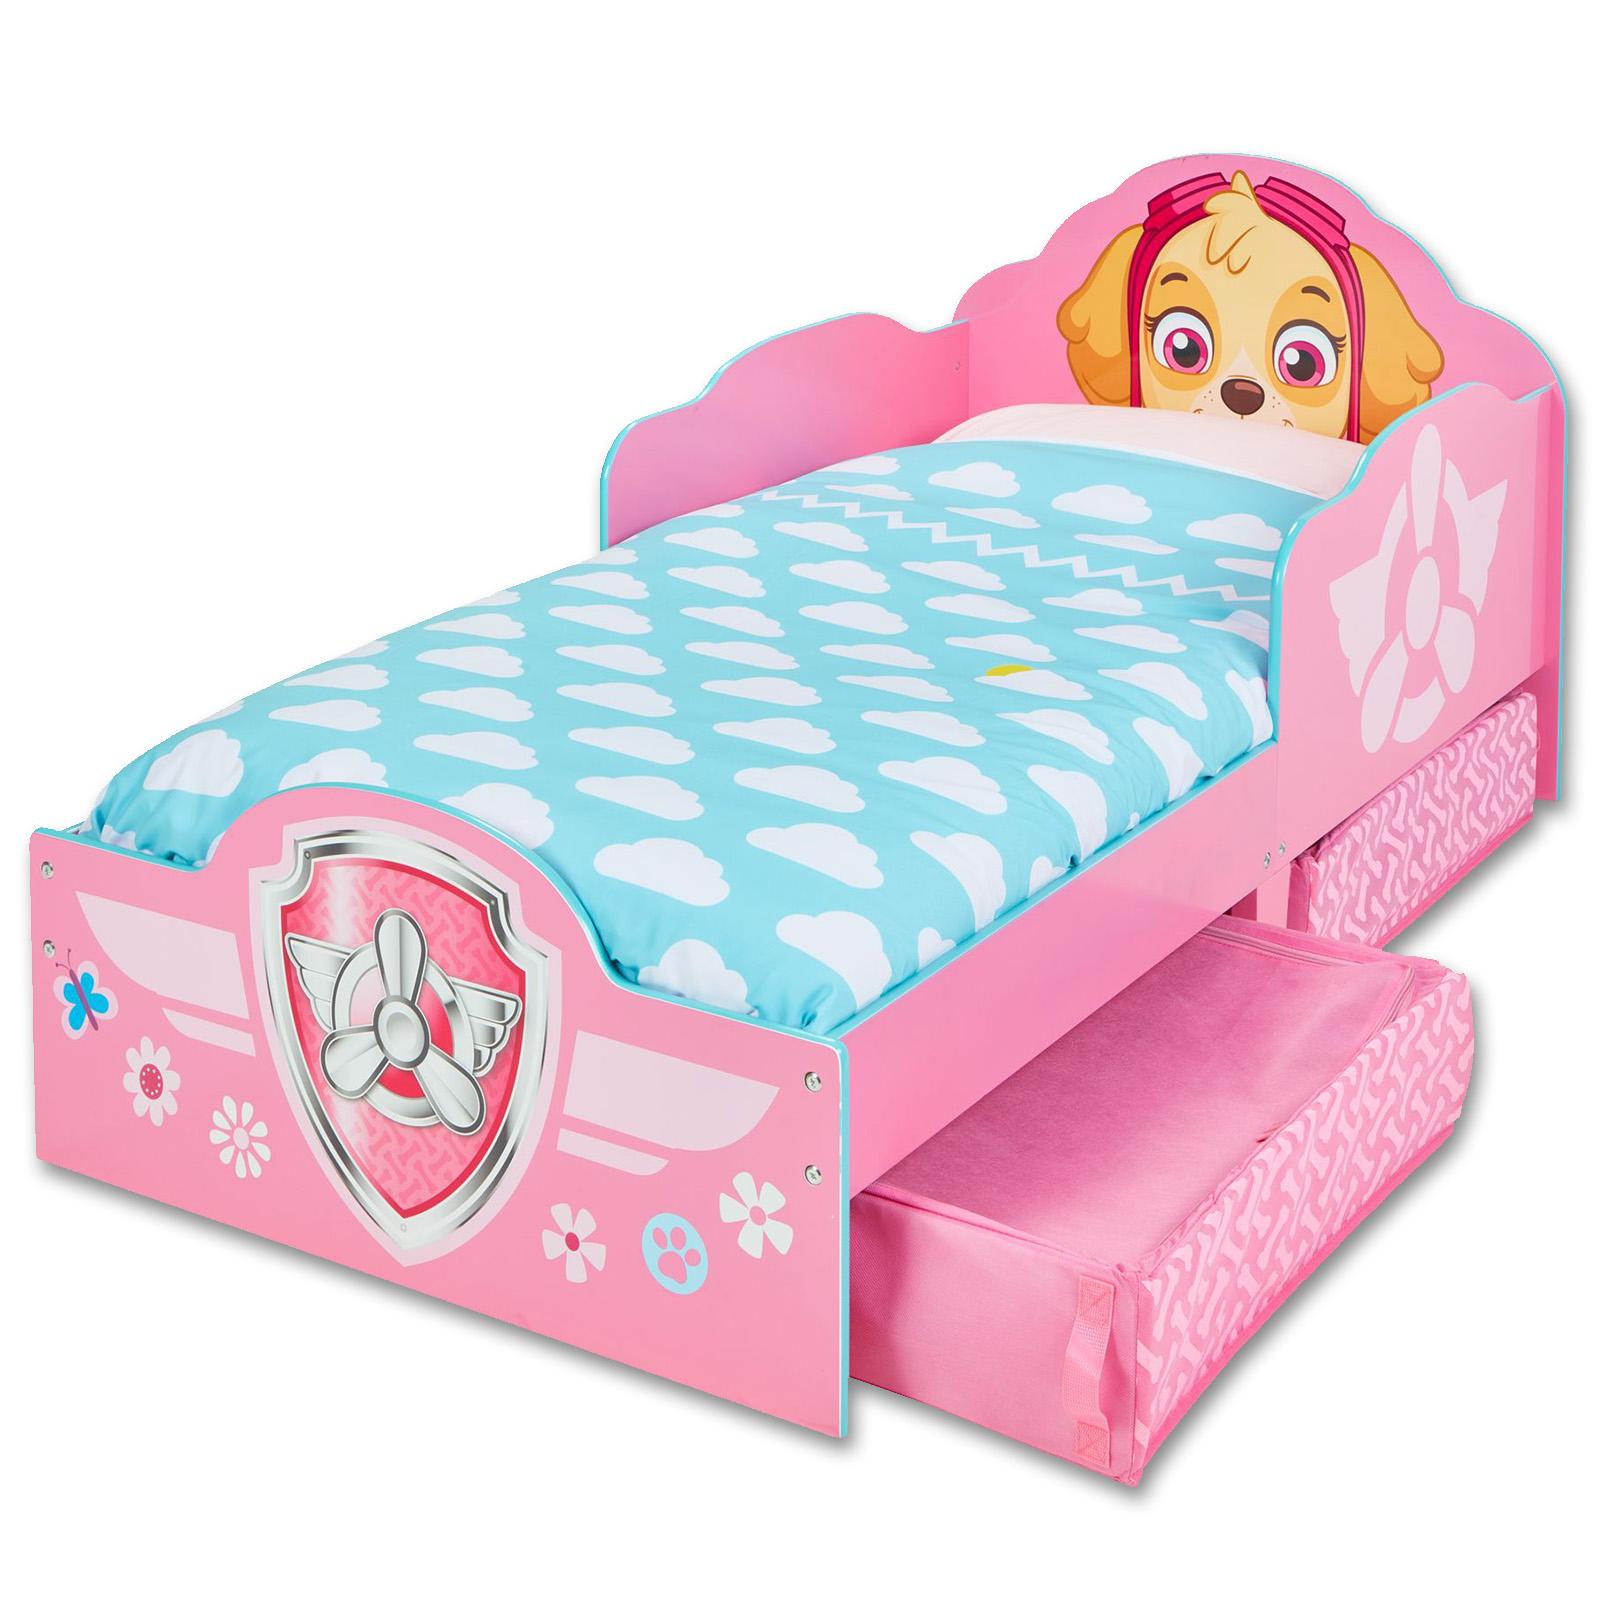 kinderbett mit schubladen paw patrol jugendbett juniorbett holz rosa 140x70cm ebay. Black Bedroom Furniture Sets. Home Design Ideas